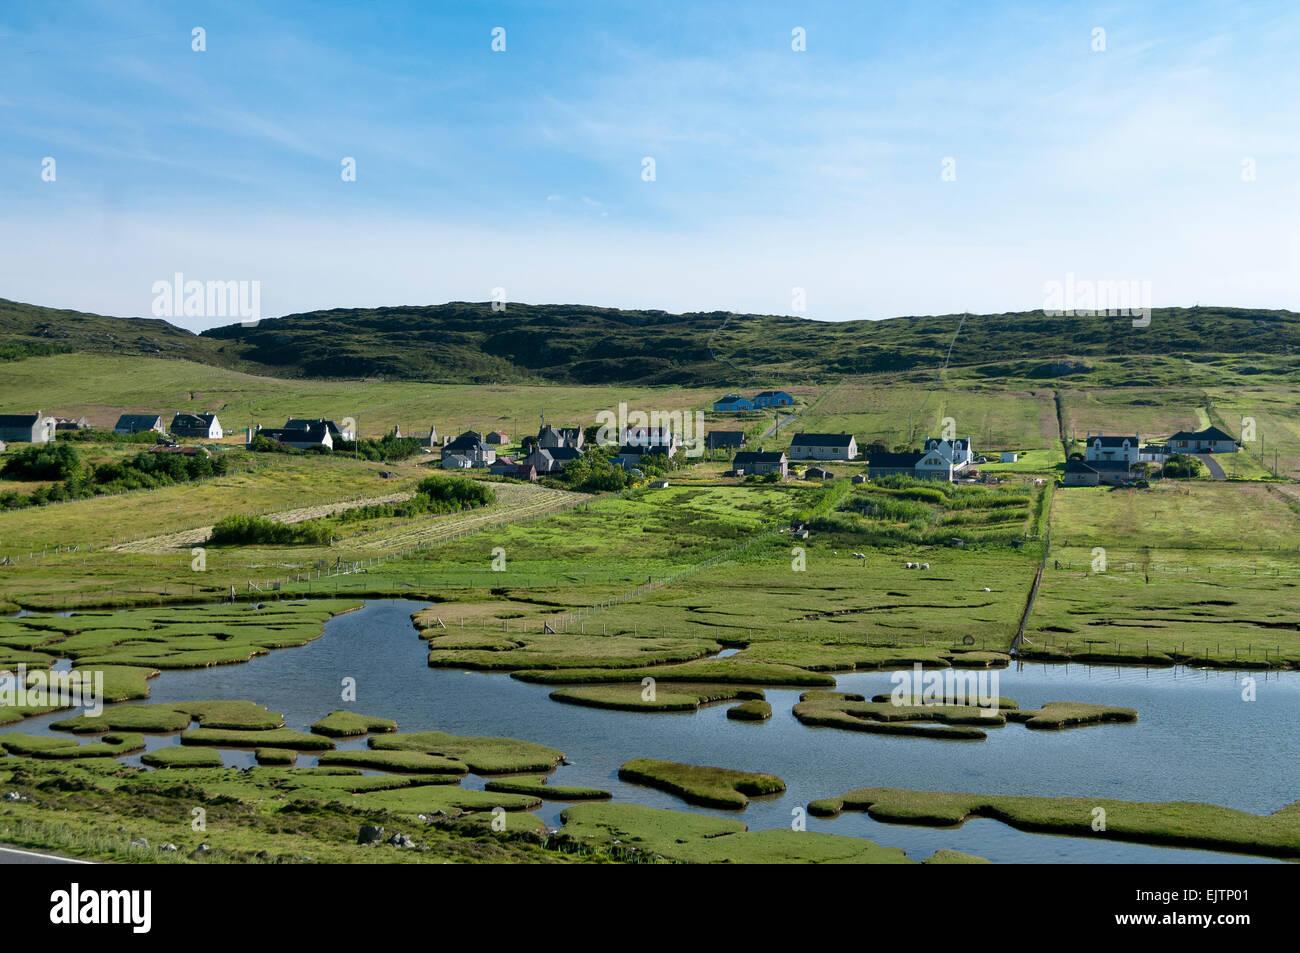 Leverburgh Landwirtschaft Gemeinschaft Runrig System Marsh landwirtschaftliche Siedlung Stockbild